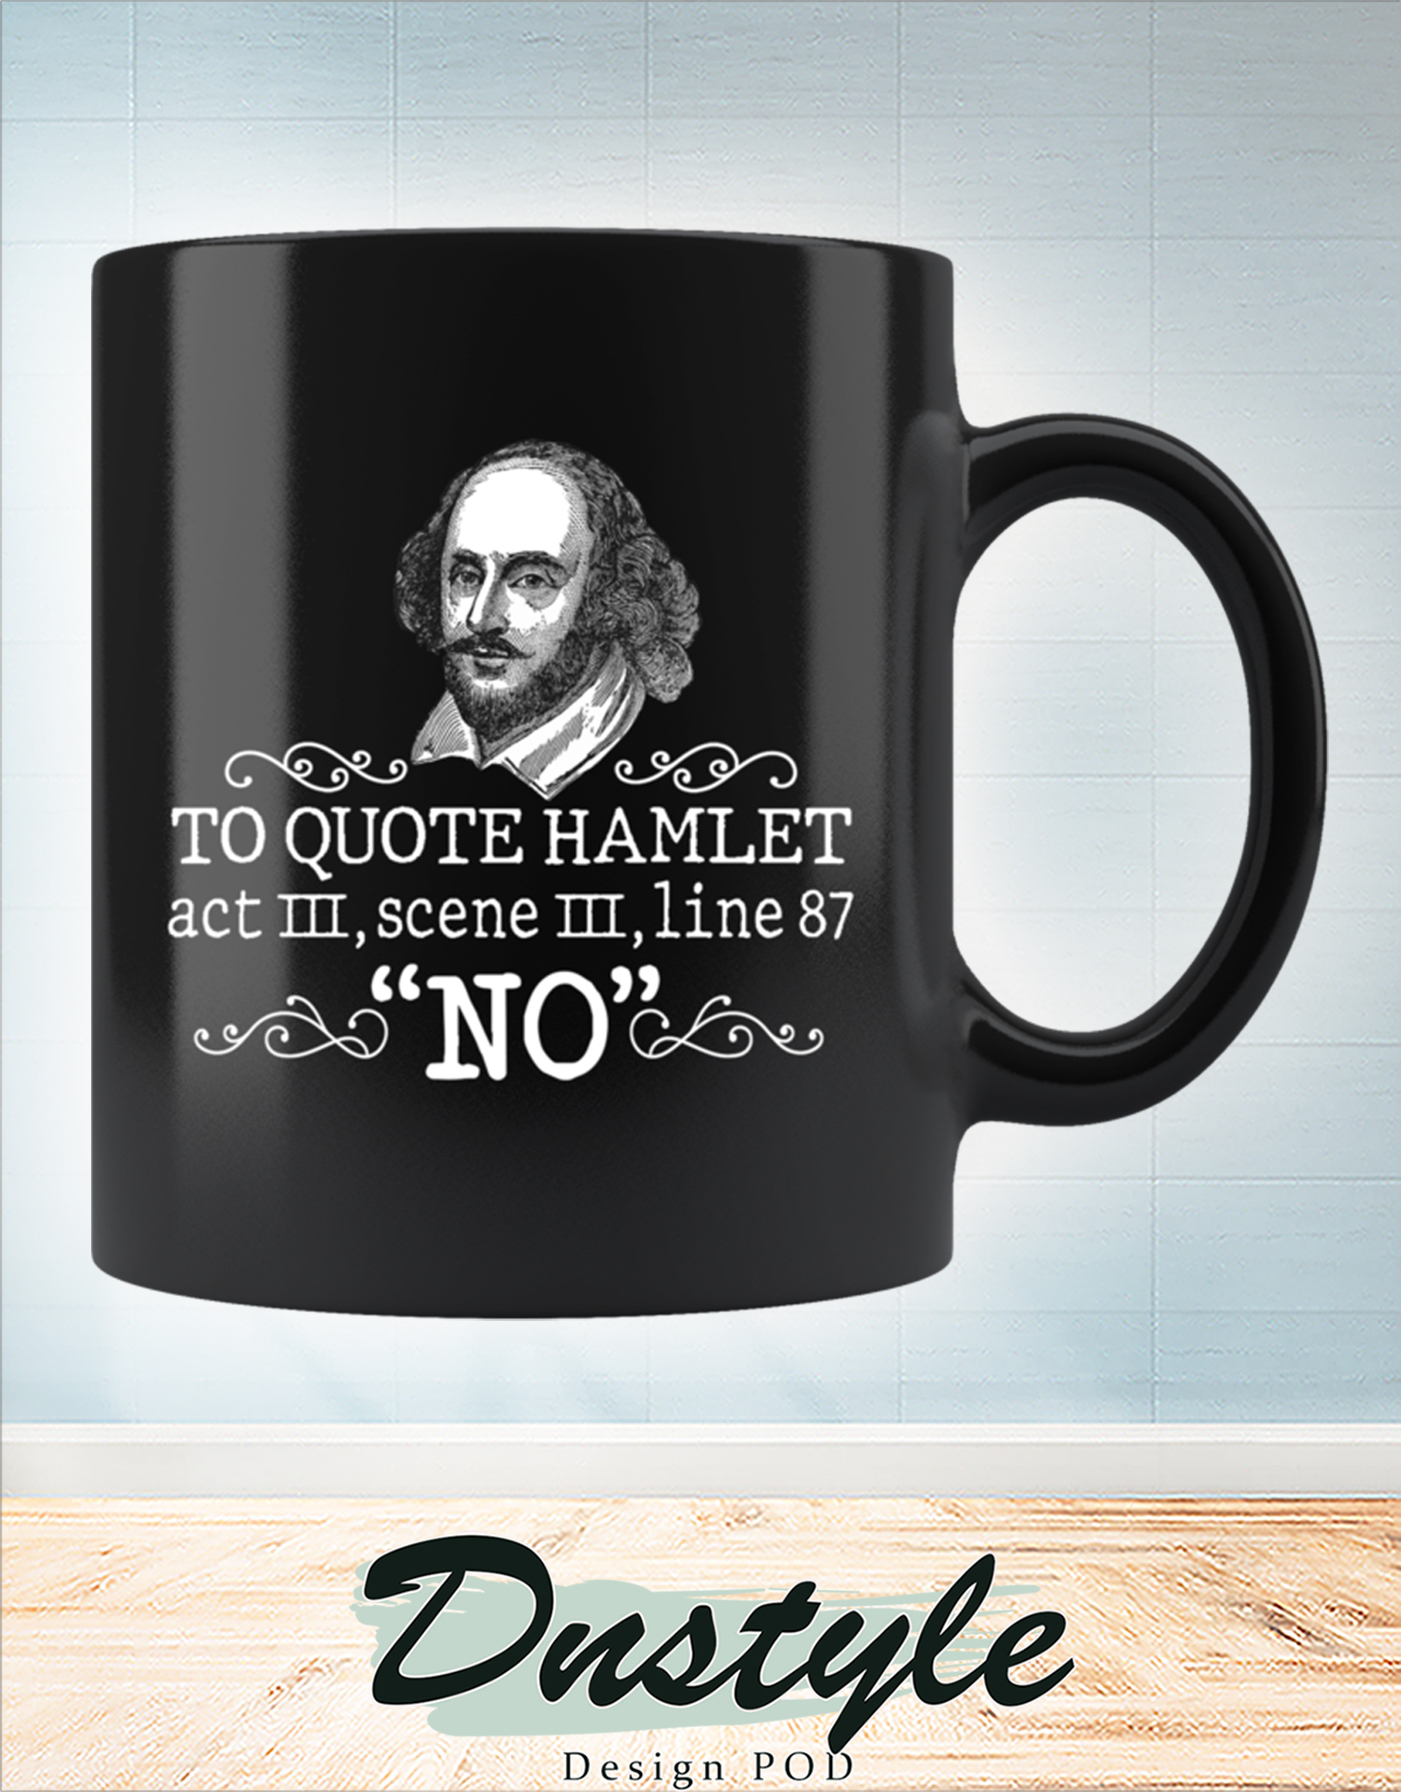 To quote hamlet act III scene III line 87 no mug